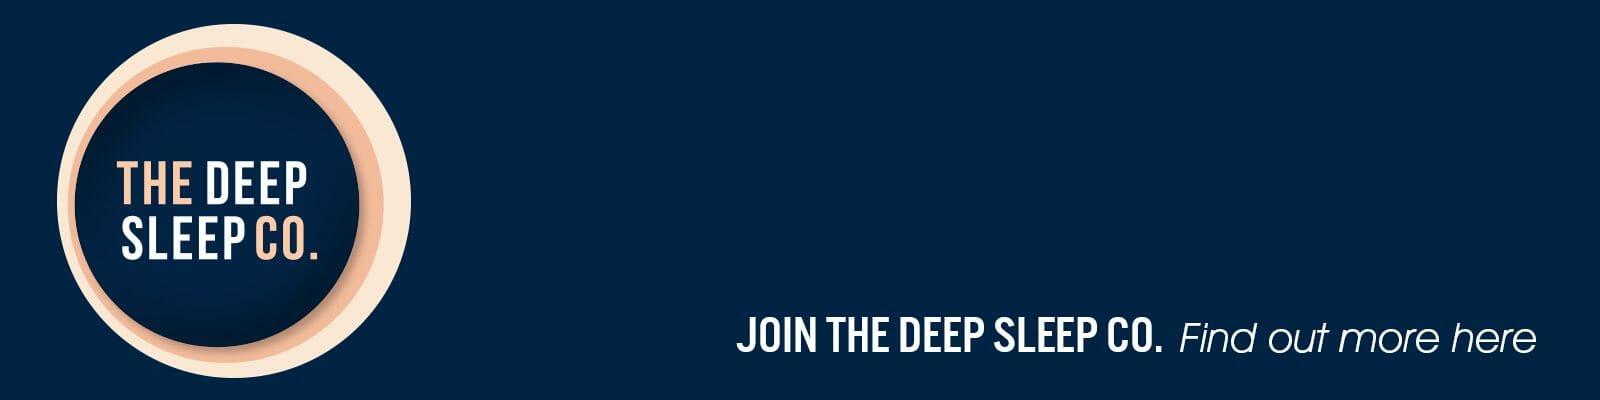 Join The Deep Sleep Co.